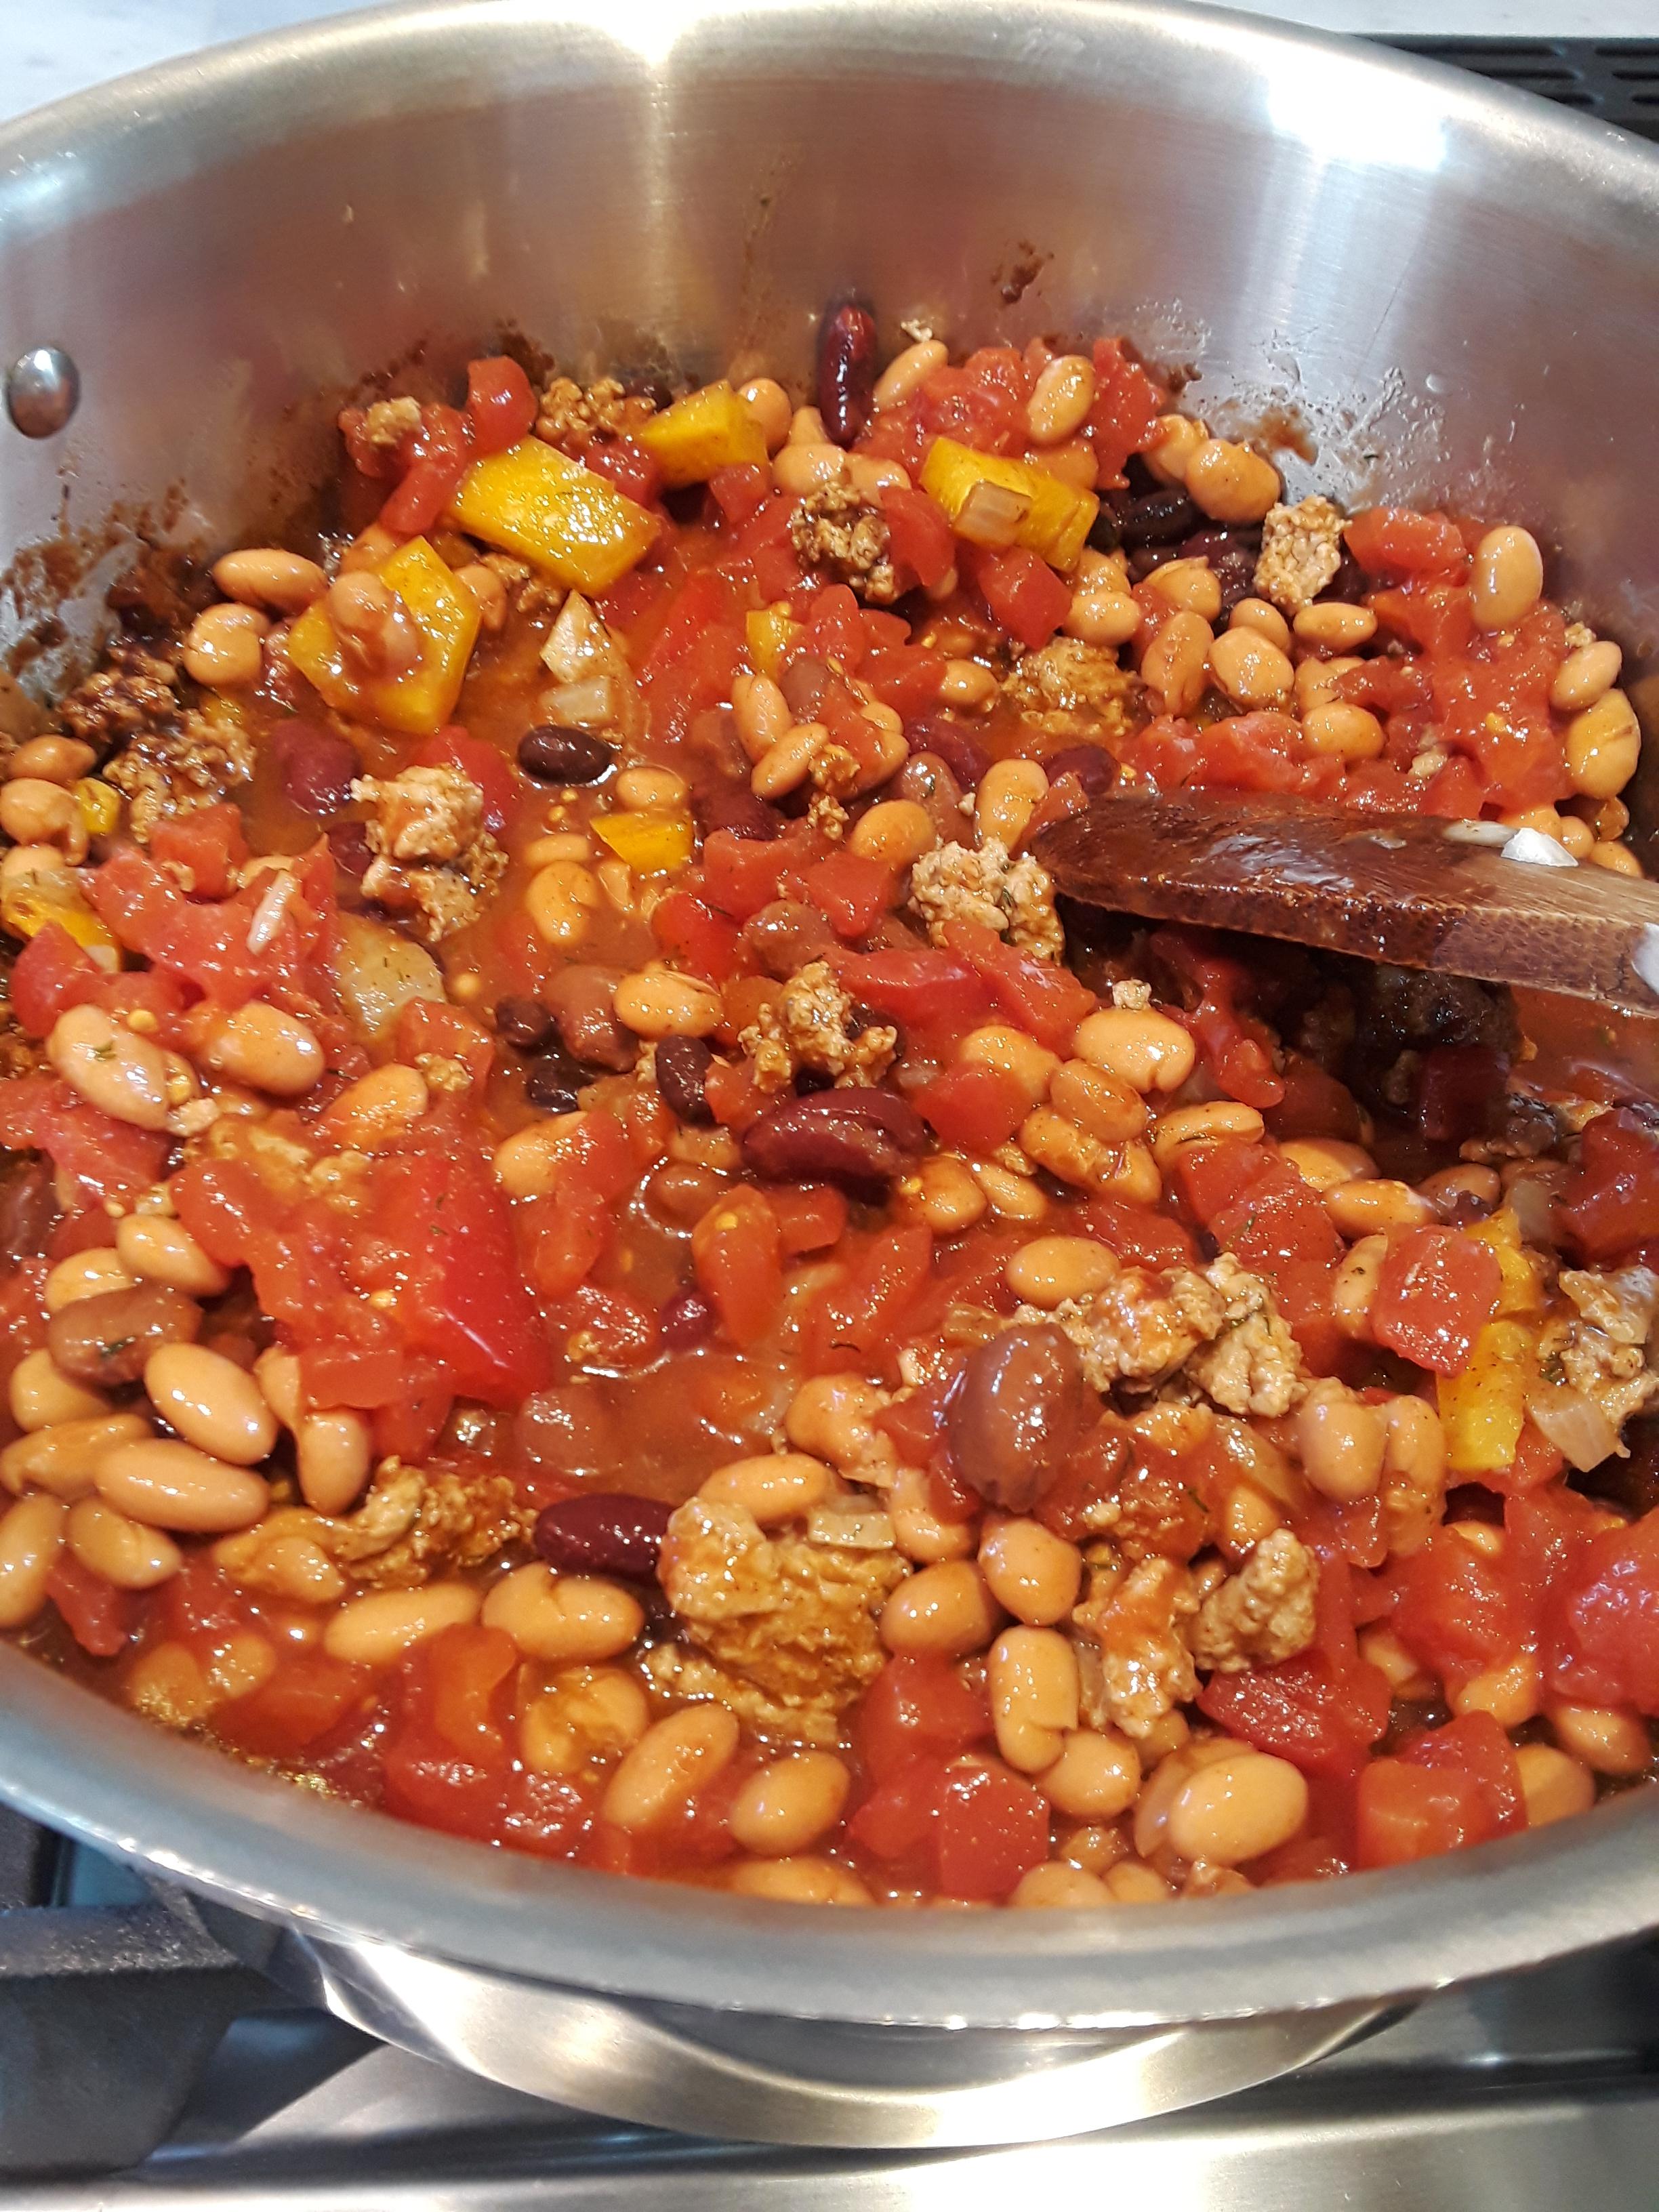 Adding veggies to chili